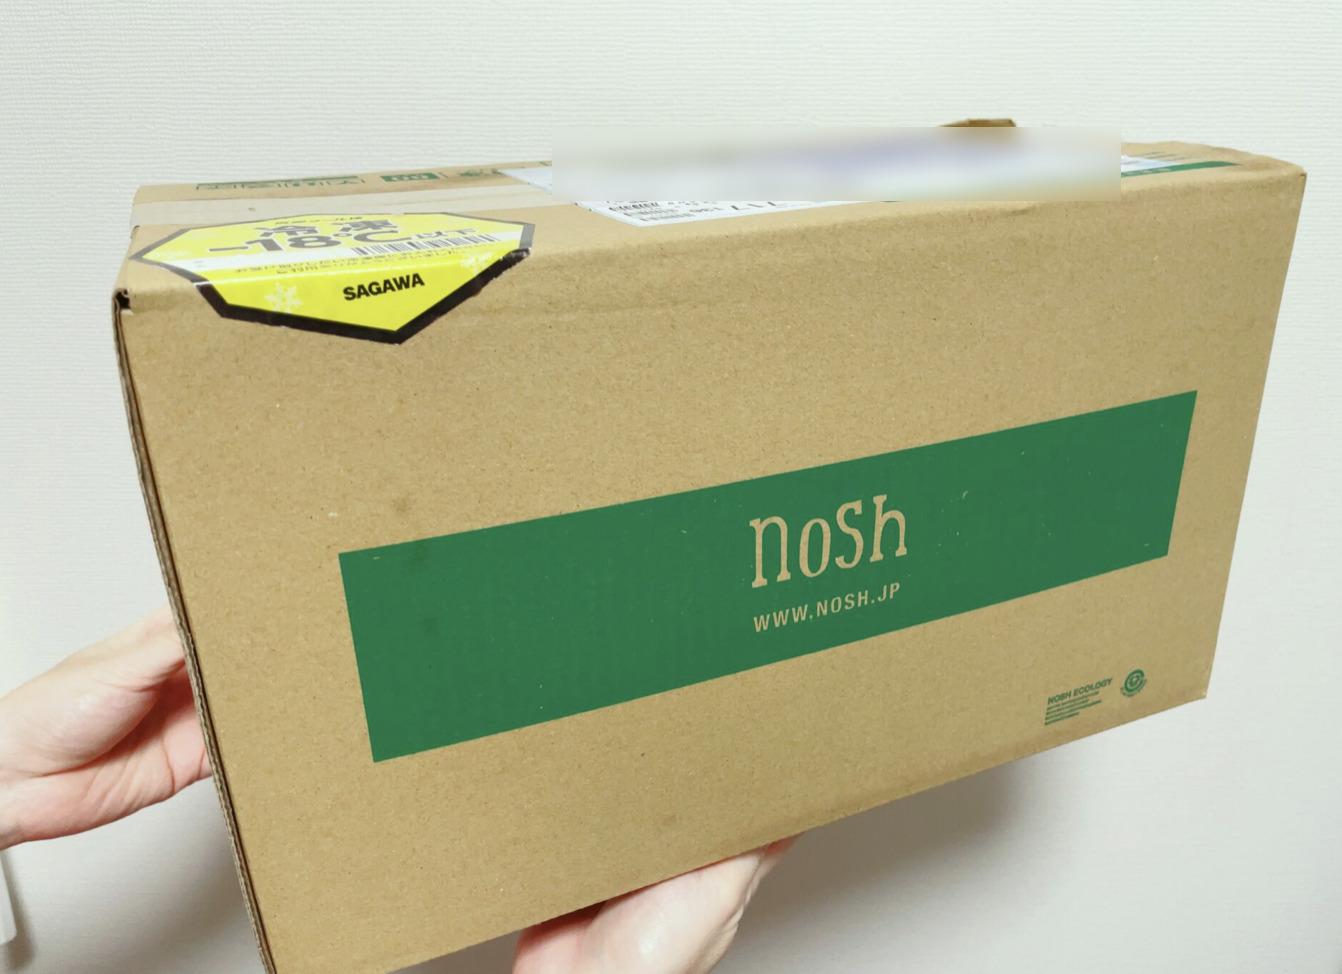 nosh(ナッシュ)の段ボールが届いた